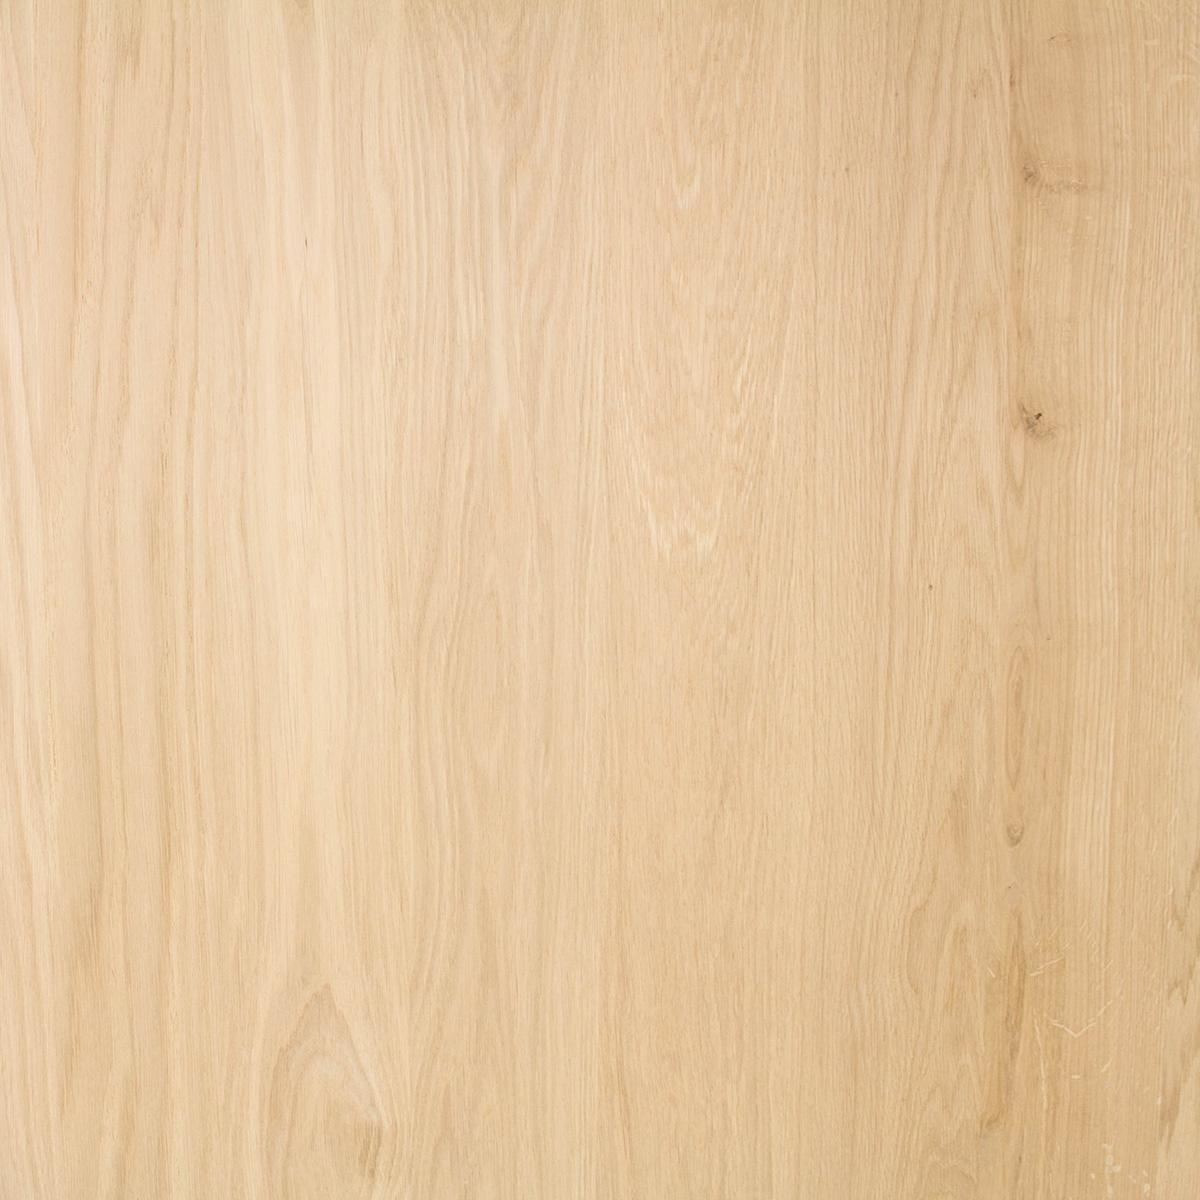 Arbeitsplatte Eiche massiv - 2 cm dick - 122x140-300 cm - Eichenholz A-Qualität - Massivholz - Verleimt & künstlich getrocknet (HF 8-12%)